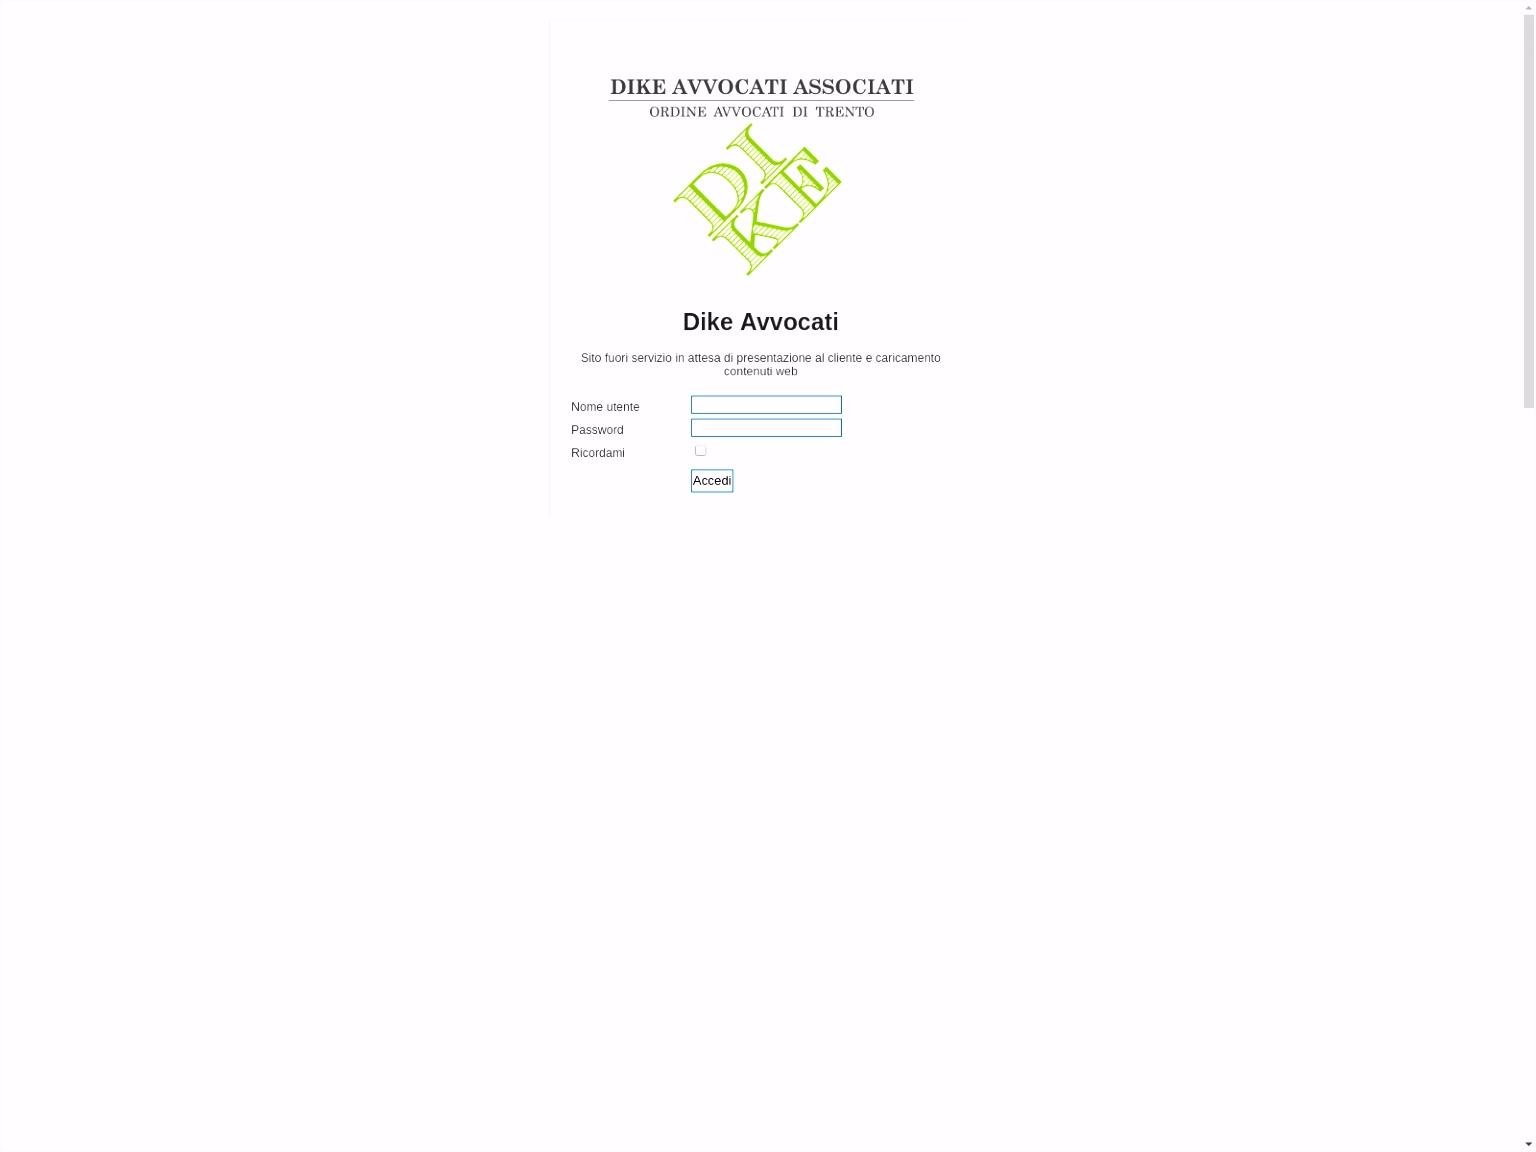 Dokumentation Gewerbeabfallverordnung 2018 Vorlage Urlscan C1bt11ktk4 H6vps5bfu2